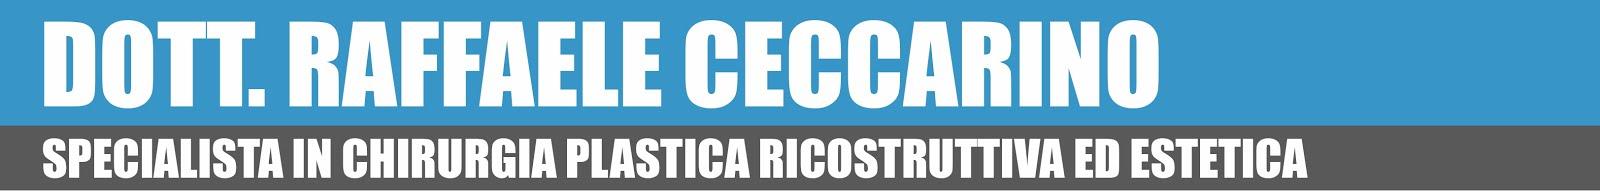 Chirurgia Plastica in Tumescenza Fredda - Dott. Raffaele Ceccarino